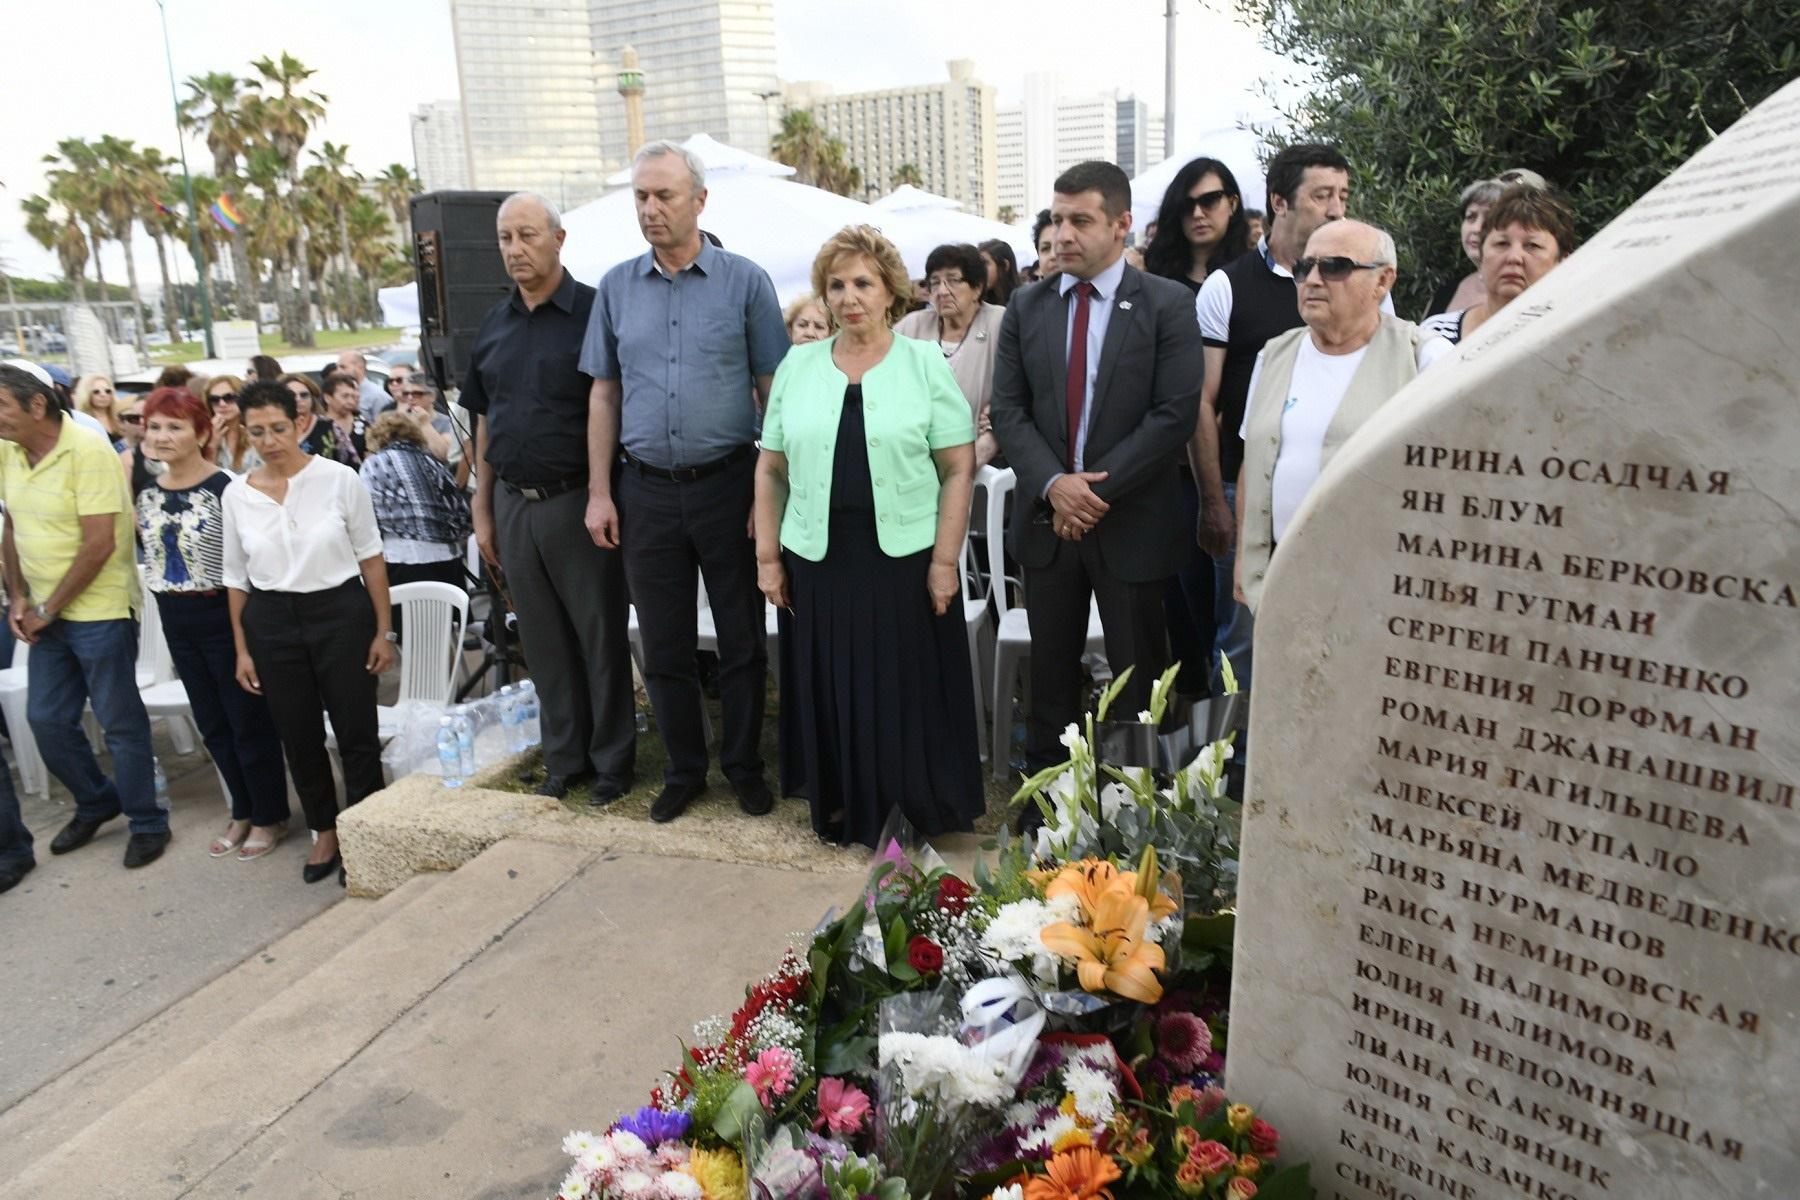 Церемония памяти у обелиска с именами погибших. Фото: министерство алии